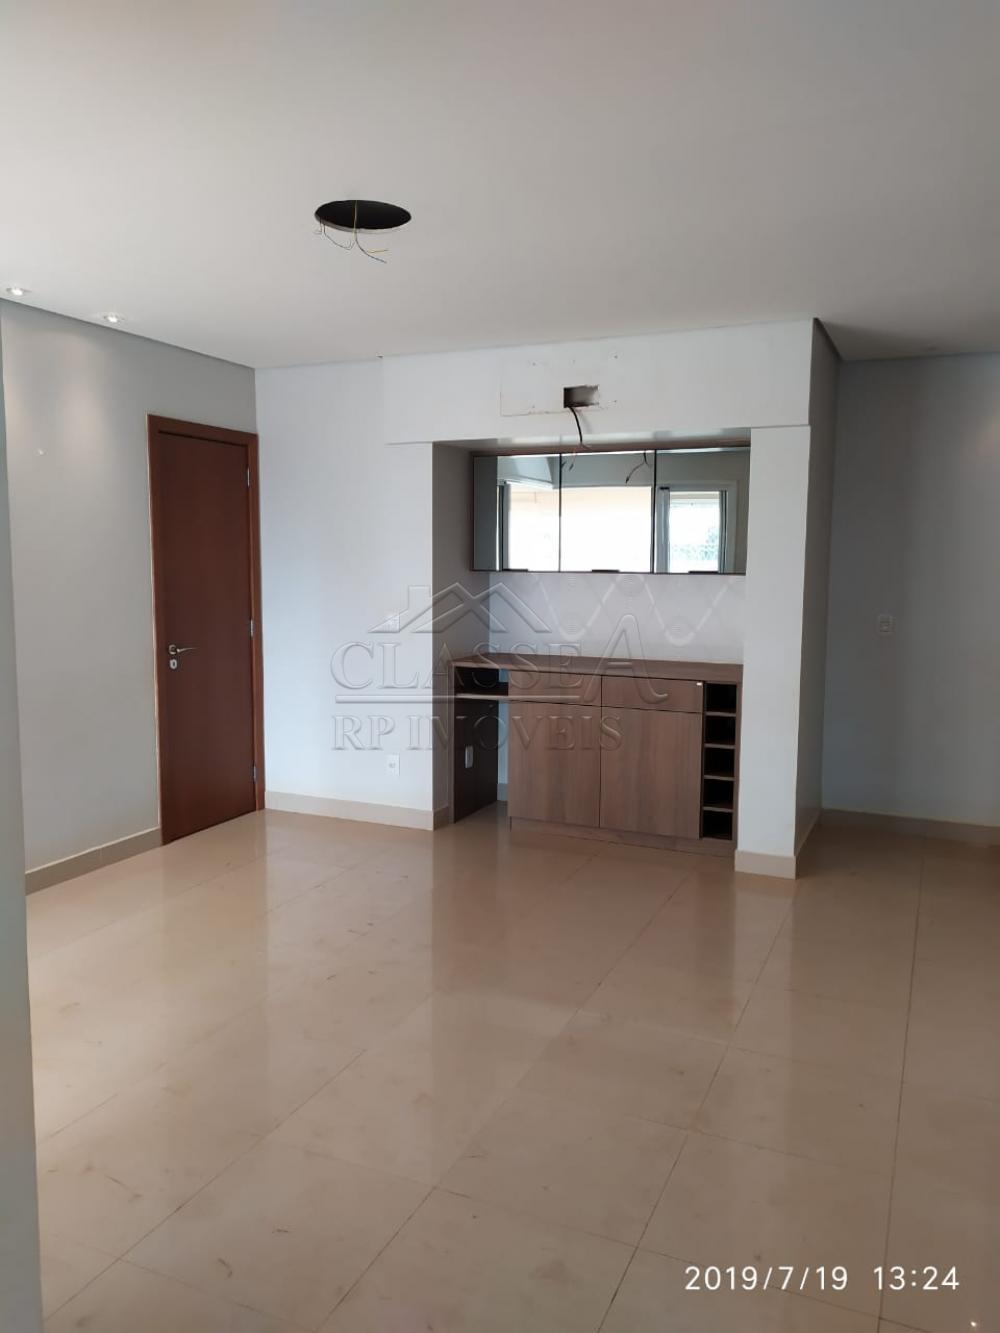 Comprar Apartamento / Padrão em Ribeirão Preto apenas R$ 1.100.000,00 - Foto 33